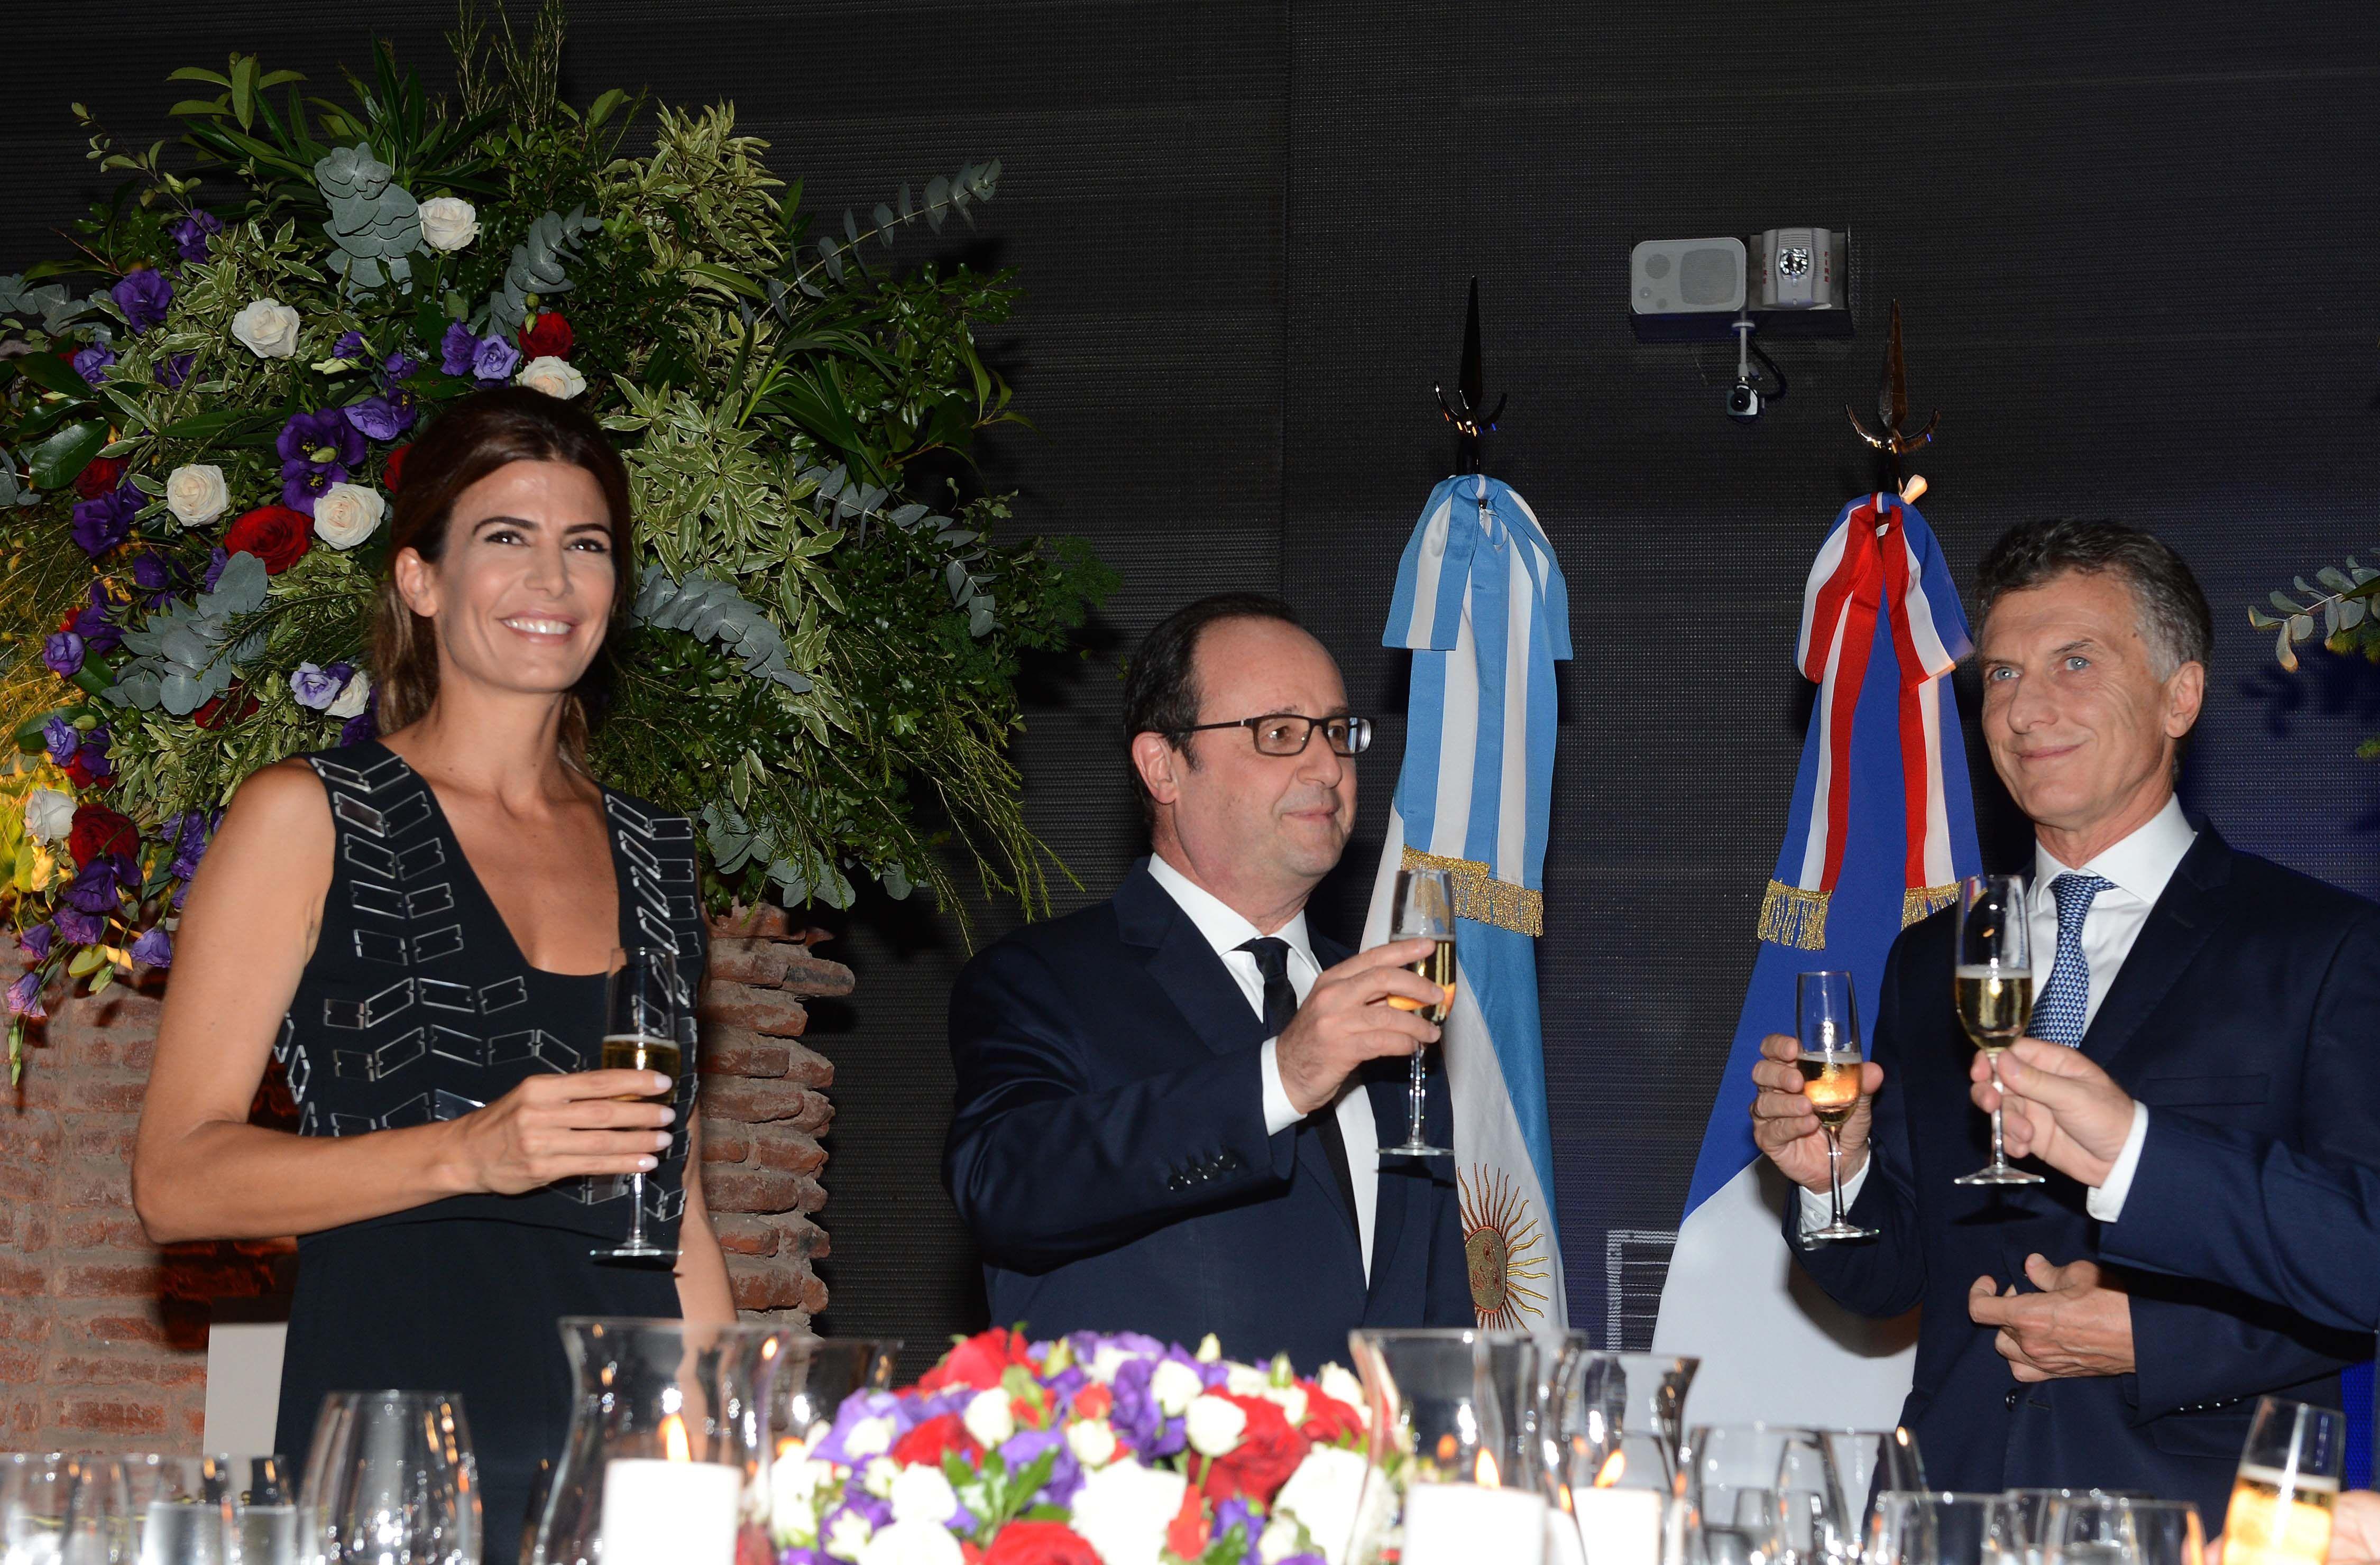 ¿Qué famosos estuvieron en la cena de Macri con Hollande?